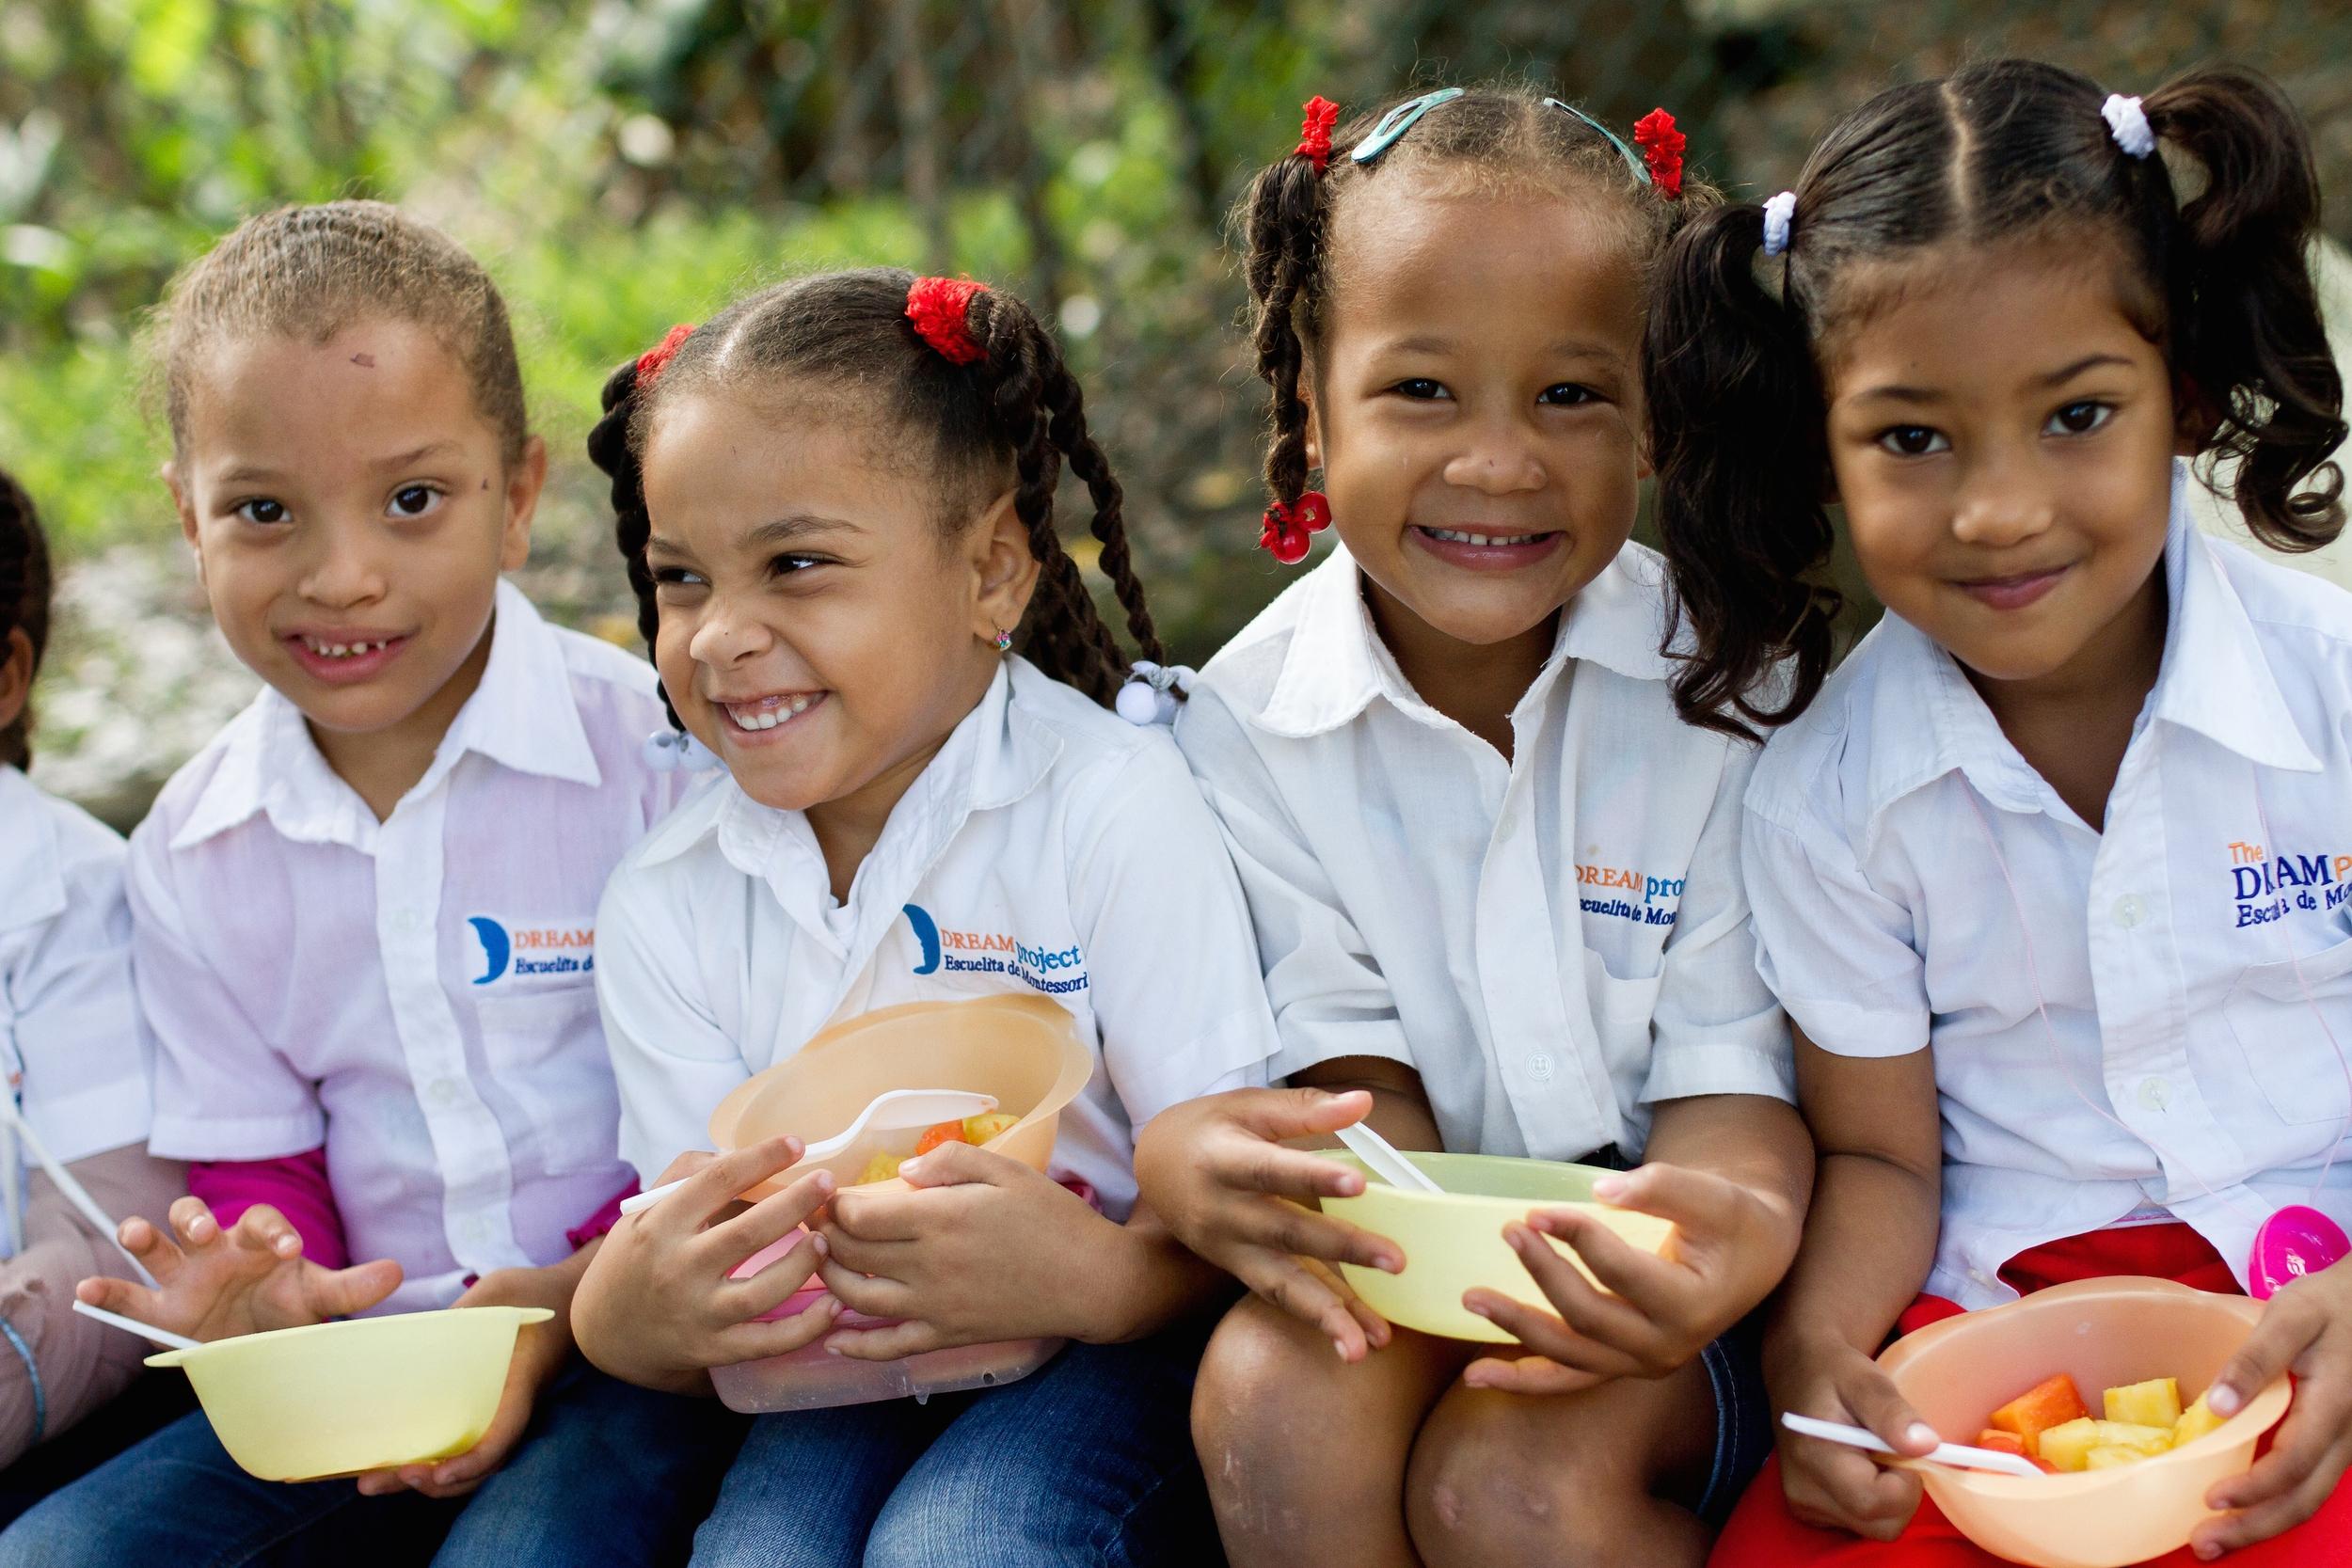 ¿POR QUÉ LA EDUCACIÓN PARA LA PRIMERA INFANCIA?   Comenzar desde la etapa más temprana ofrece a los jóvenes aprendices la mejor oportunidad de escapar de una vida de pobreza.   Aprende más    Donar